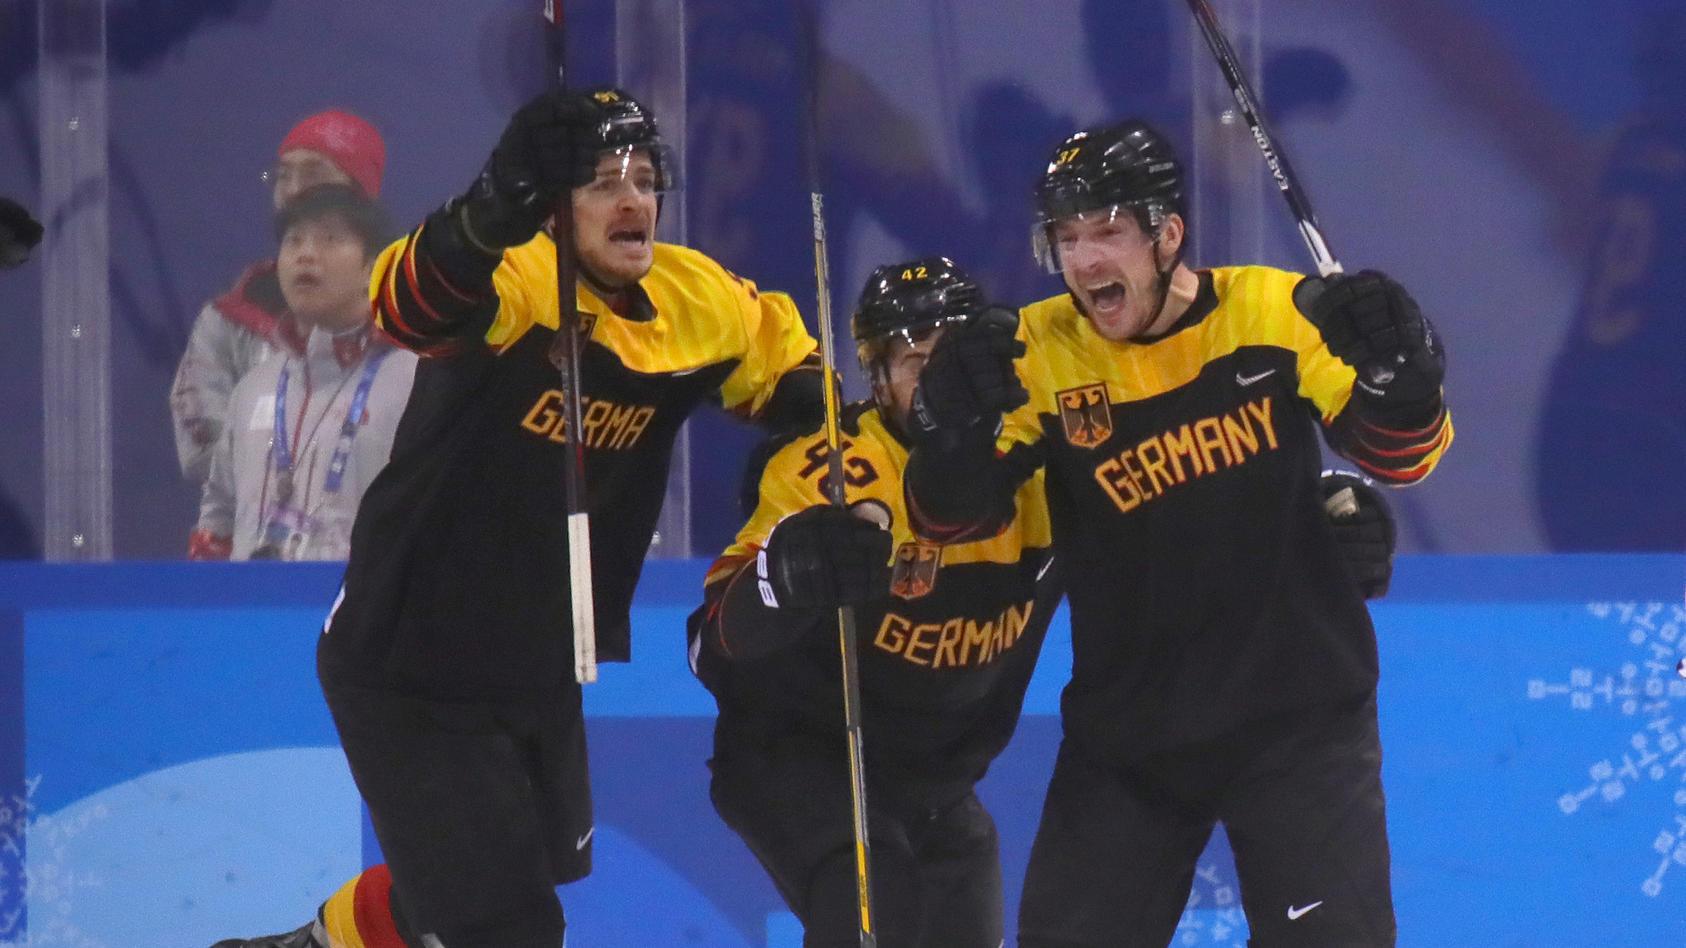 Eine veritable Sensation - Deutschlands Eishockey-Cracks kegeln Schweden aus dem Olympischen Turnier und stehen im Halbfinale.